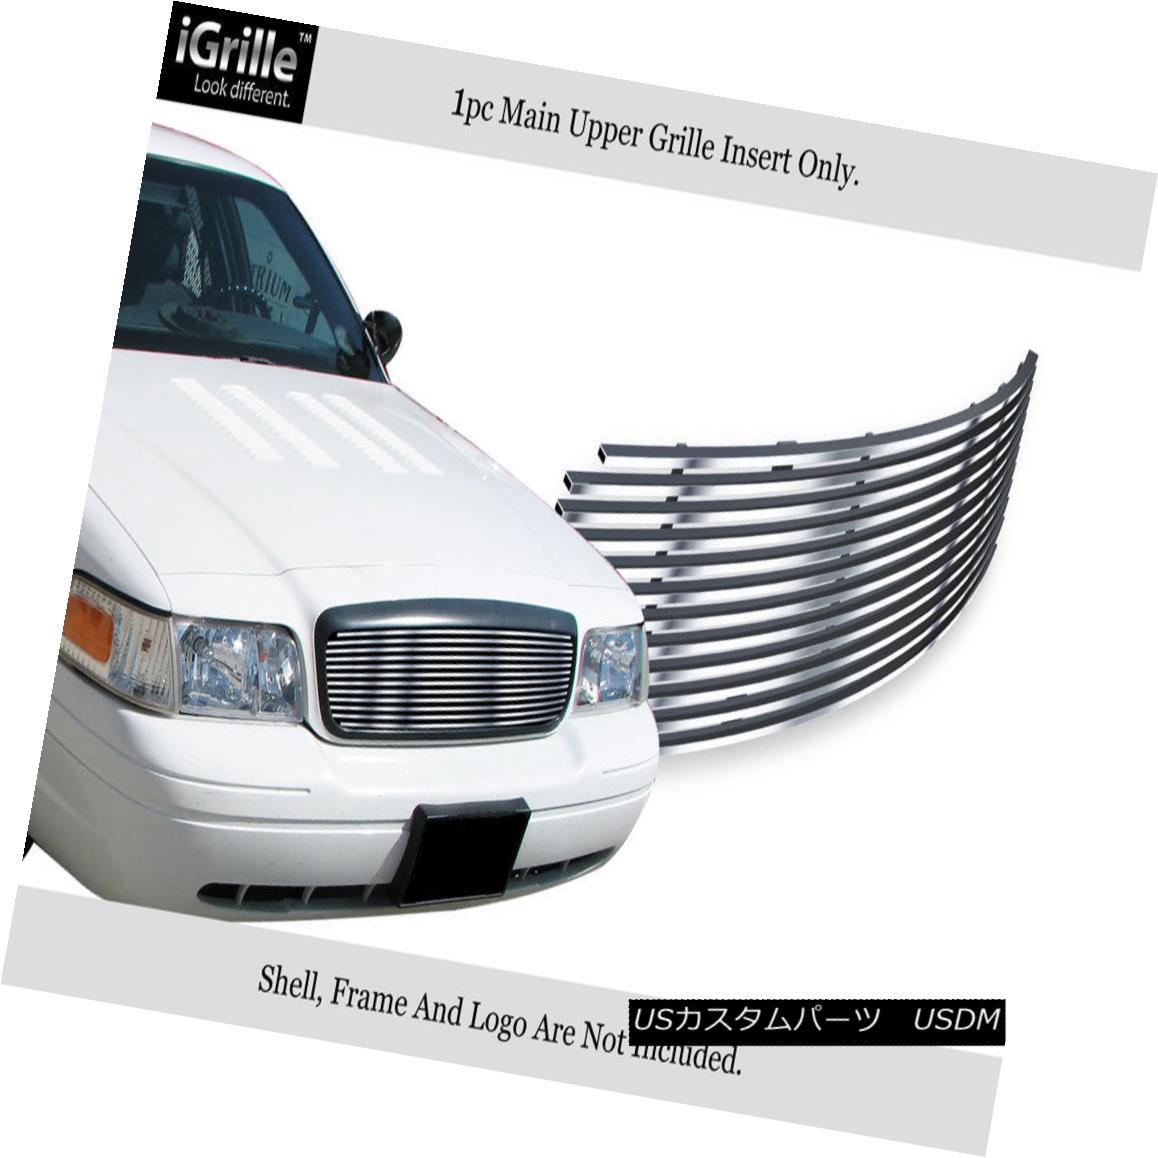 グリル Fits 1998-2012 Ford Victoria Honeycomb Style Upper Stainless Billet Grille フィット1998年から2012年フォードビクトリアハニカムスタイル上部ステンレスビレットグリル